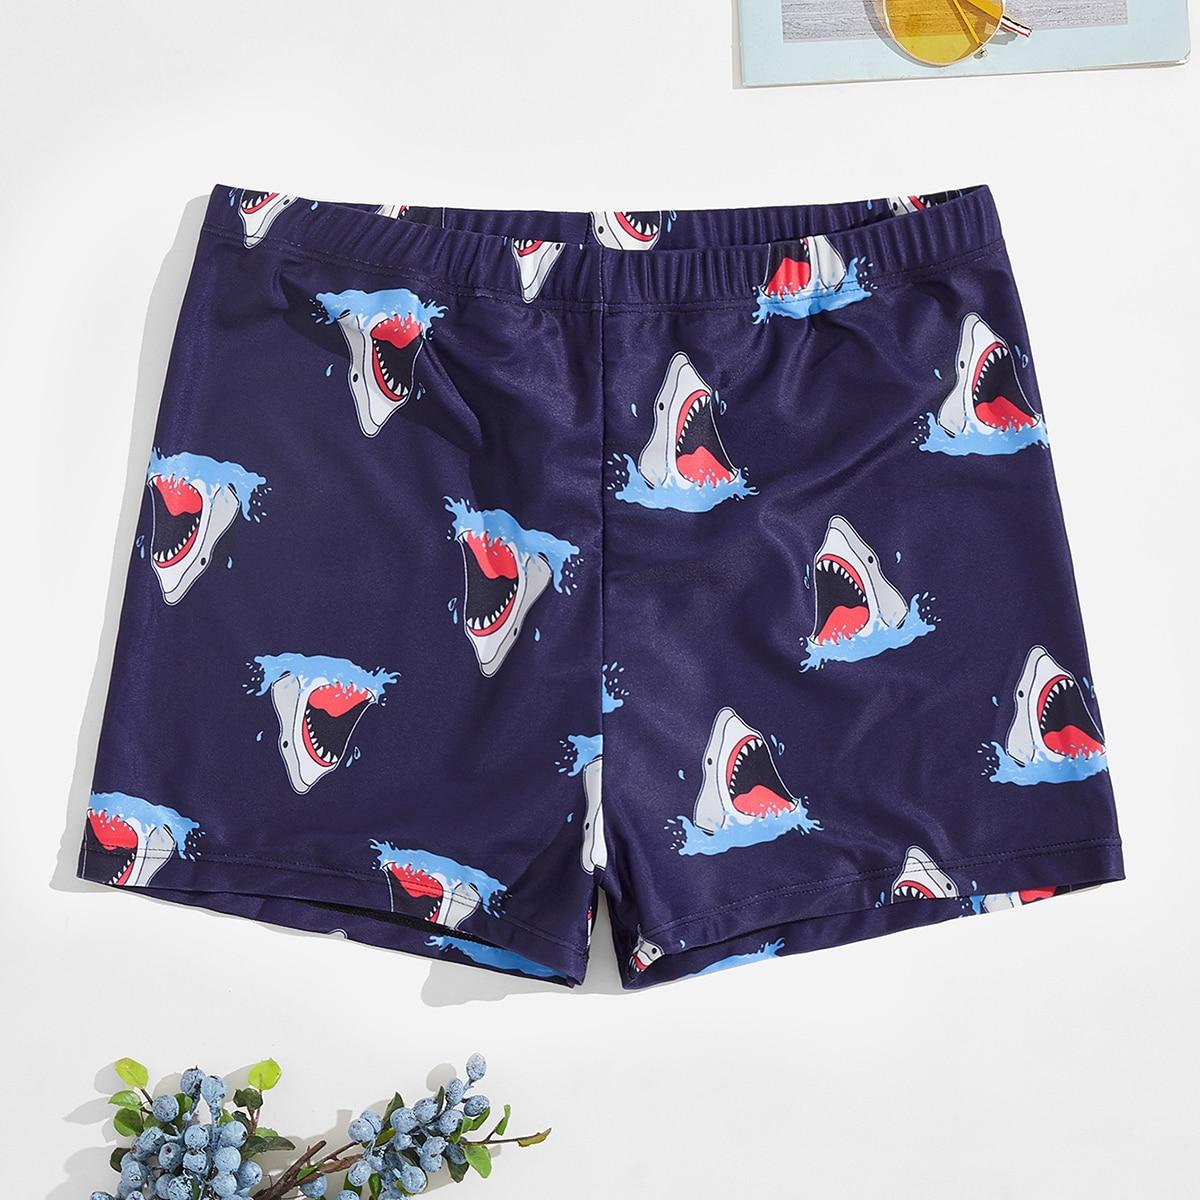 Мужские плавки с принтом акулы